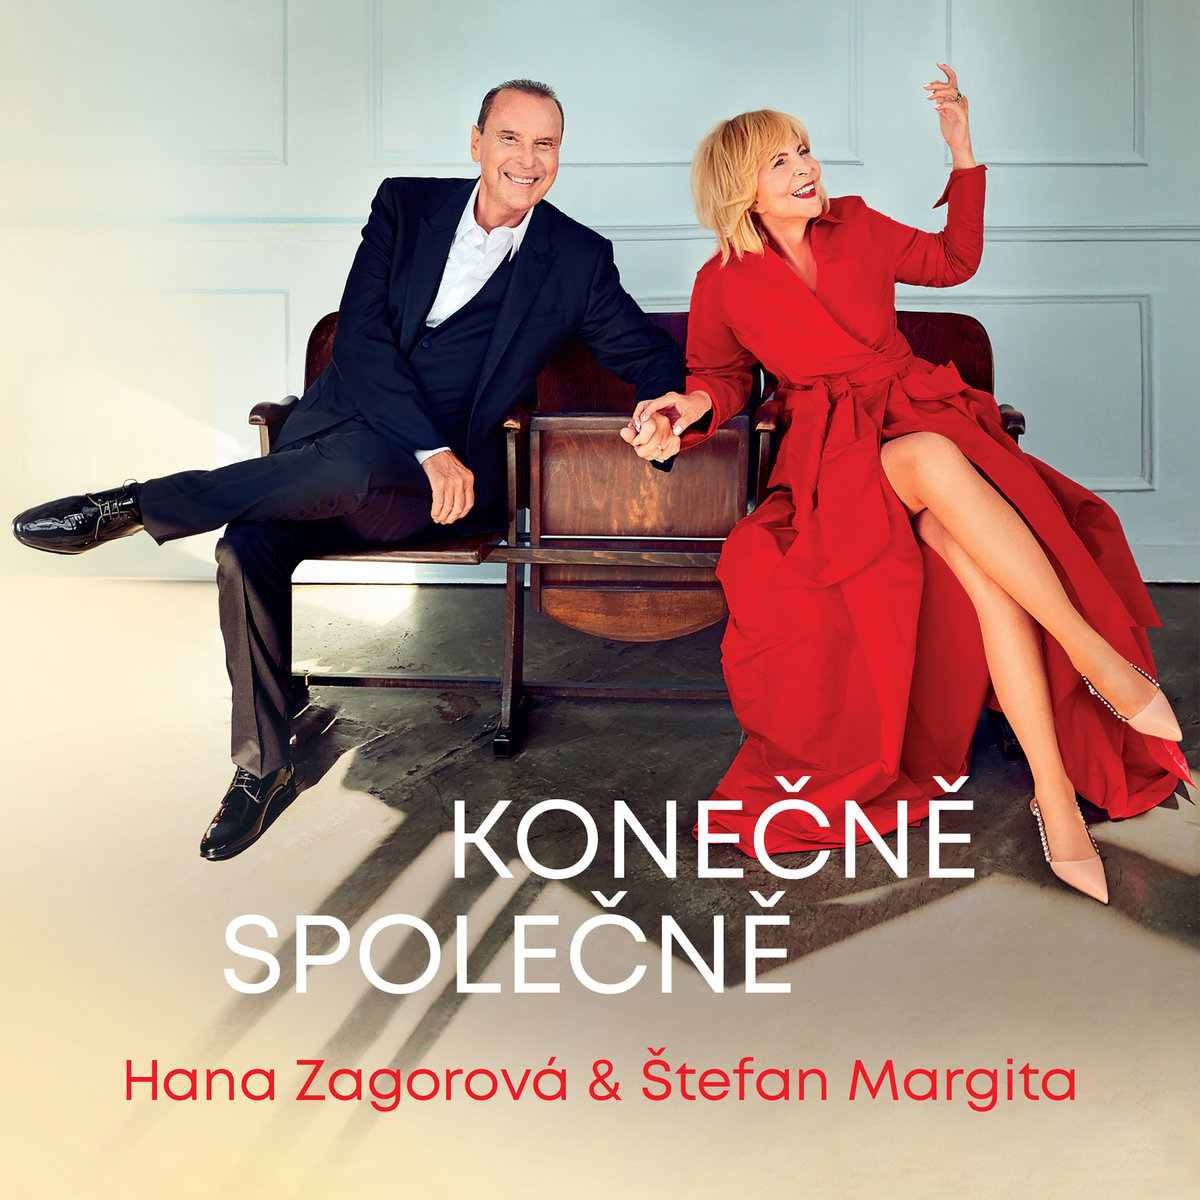 Hana Zagorová, Štefan Margita, album